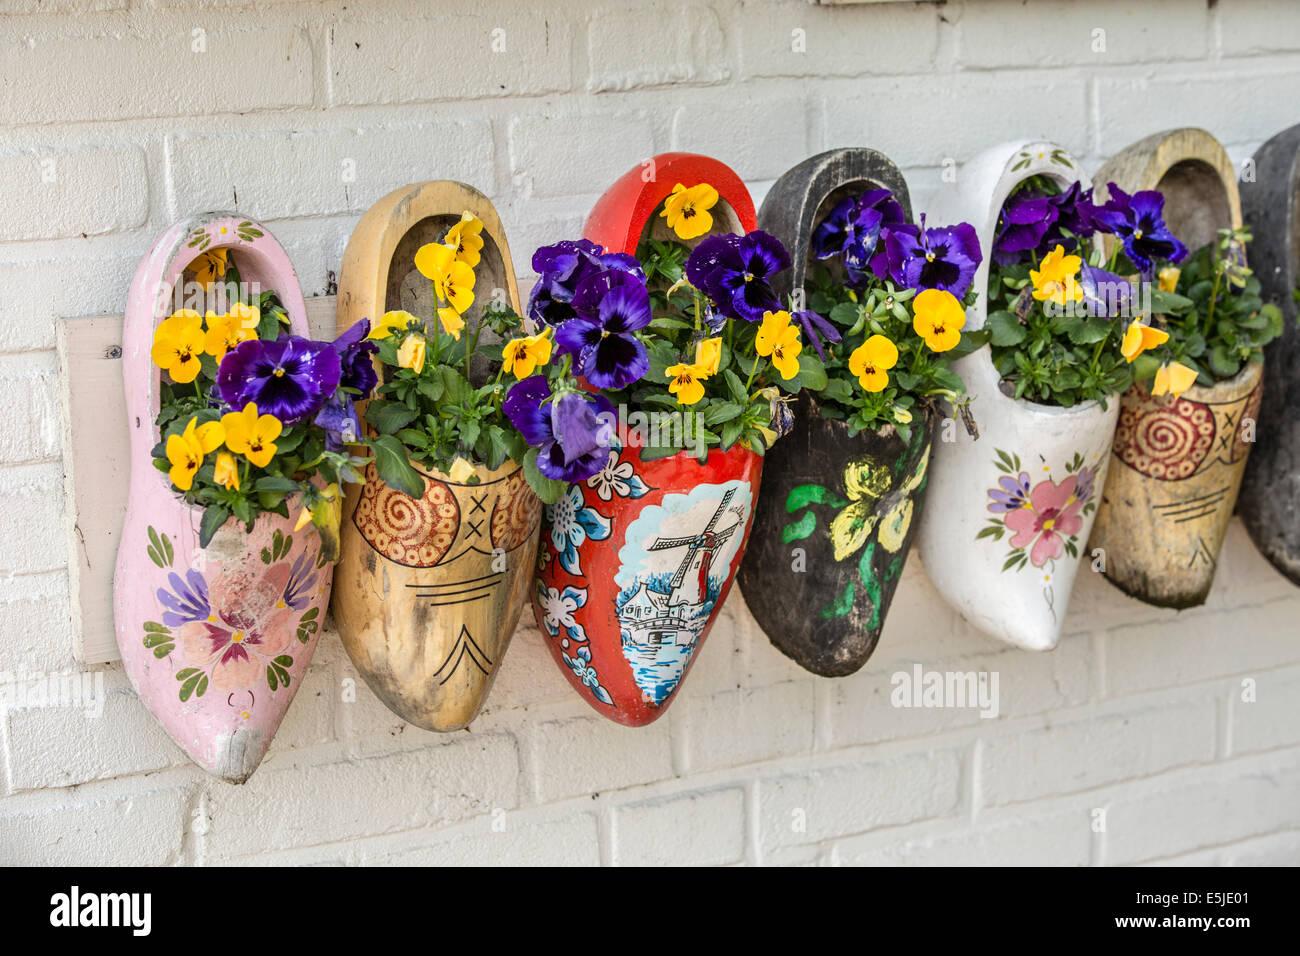 Paesi Bassi, Marken, viole in zoccoli di legno come decorazione Immagini Stock